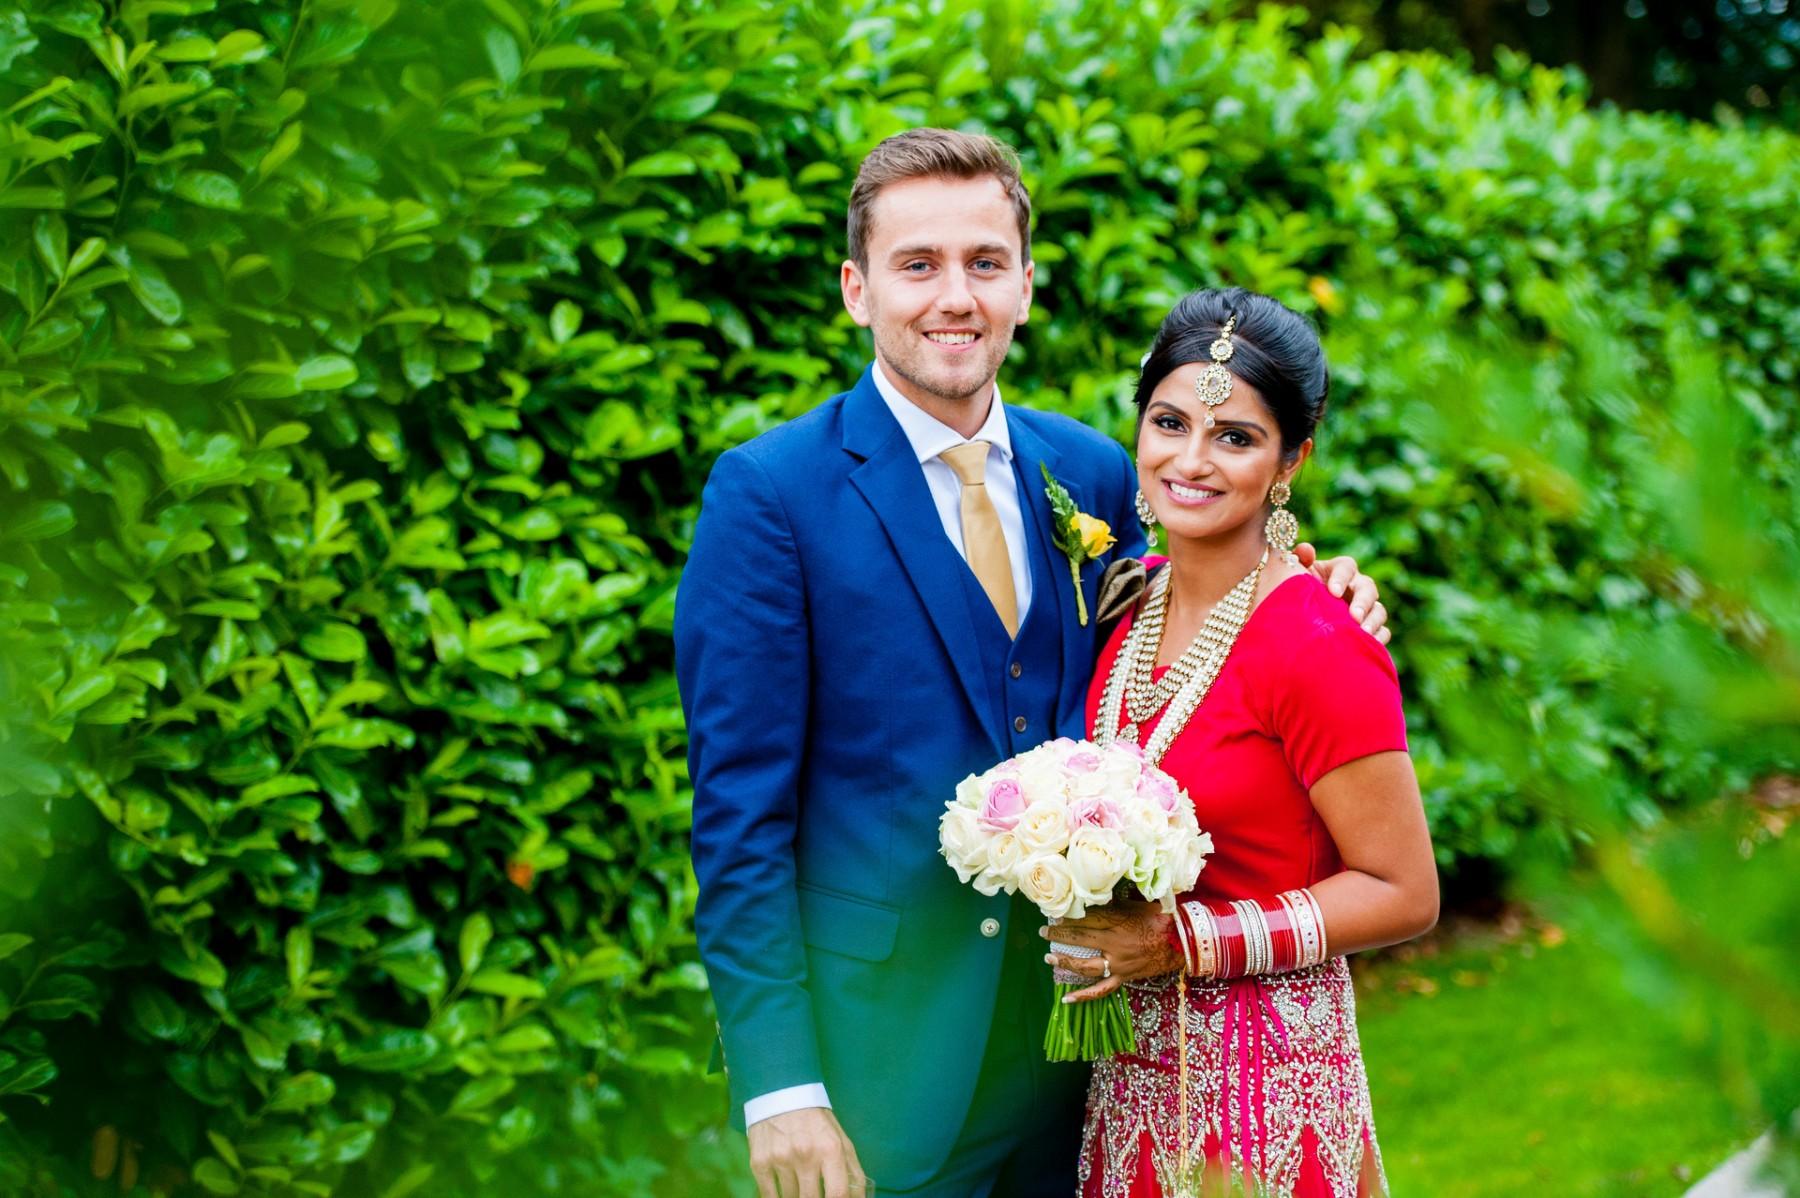 Nottingham wedding photographers